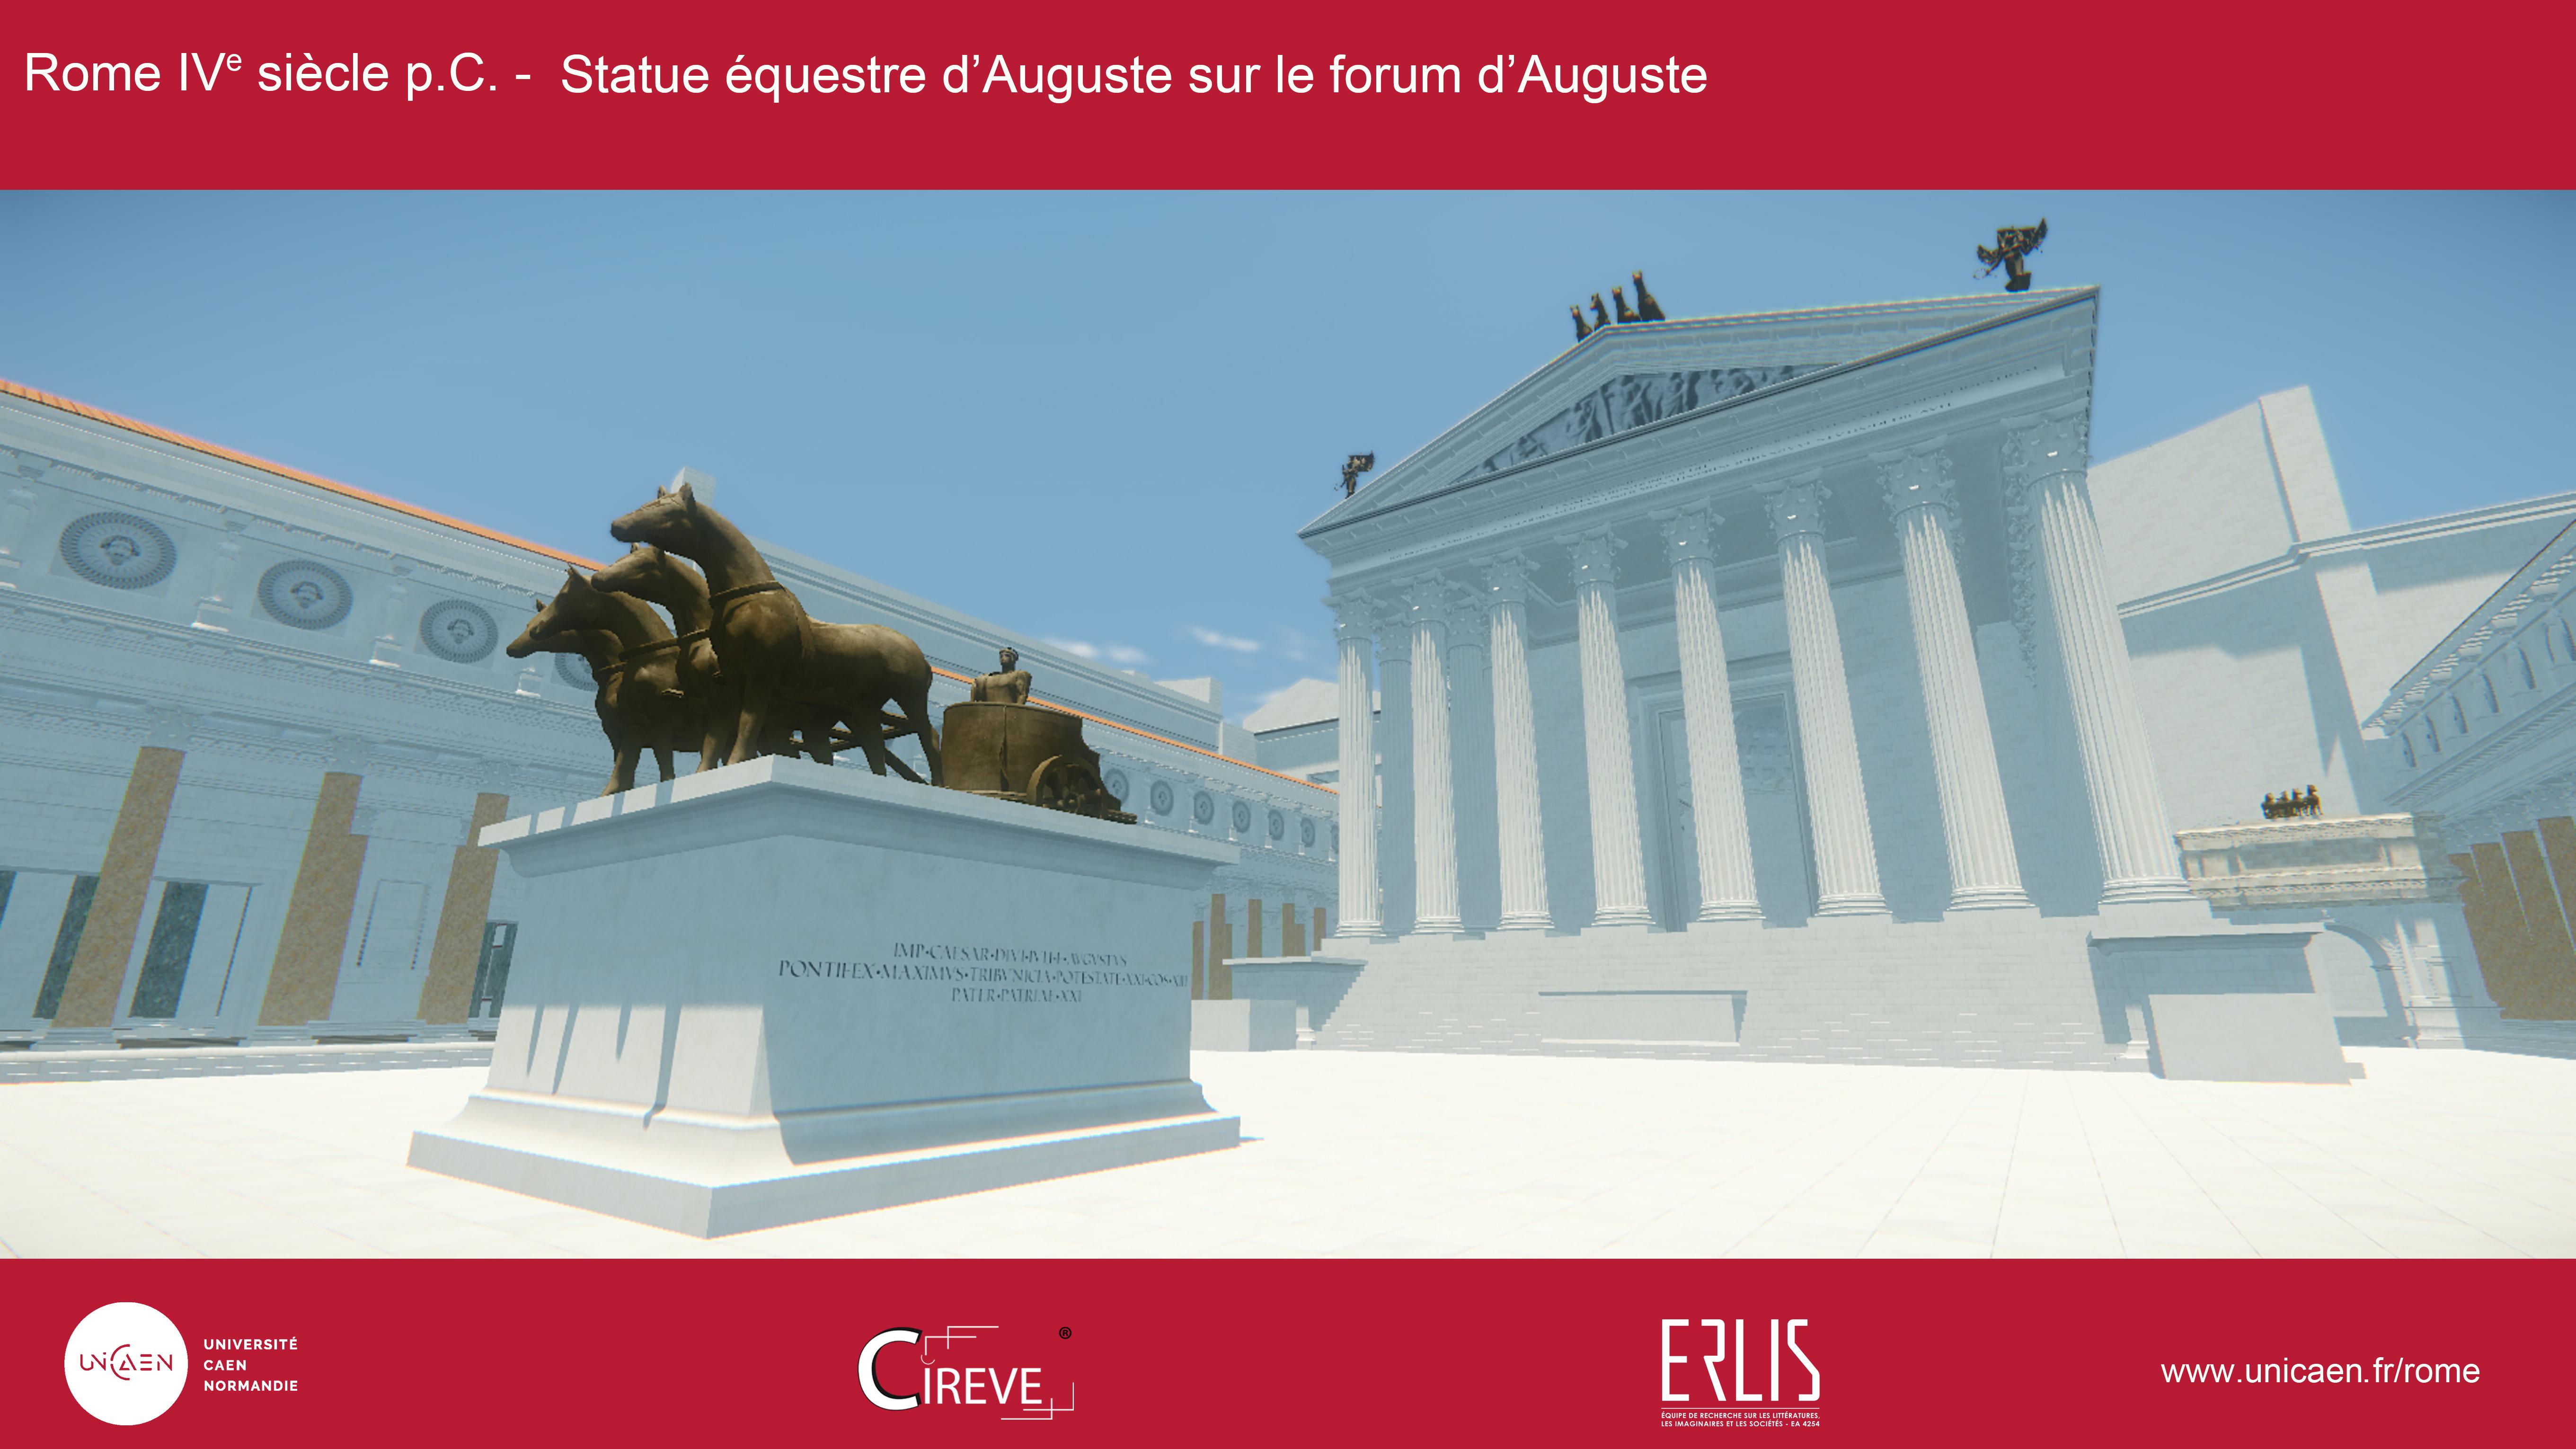 statue équestre d'Auguste sur le forum d'Auguste